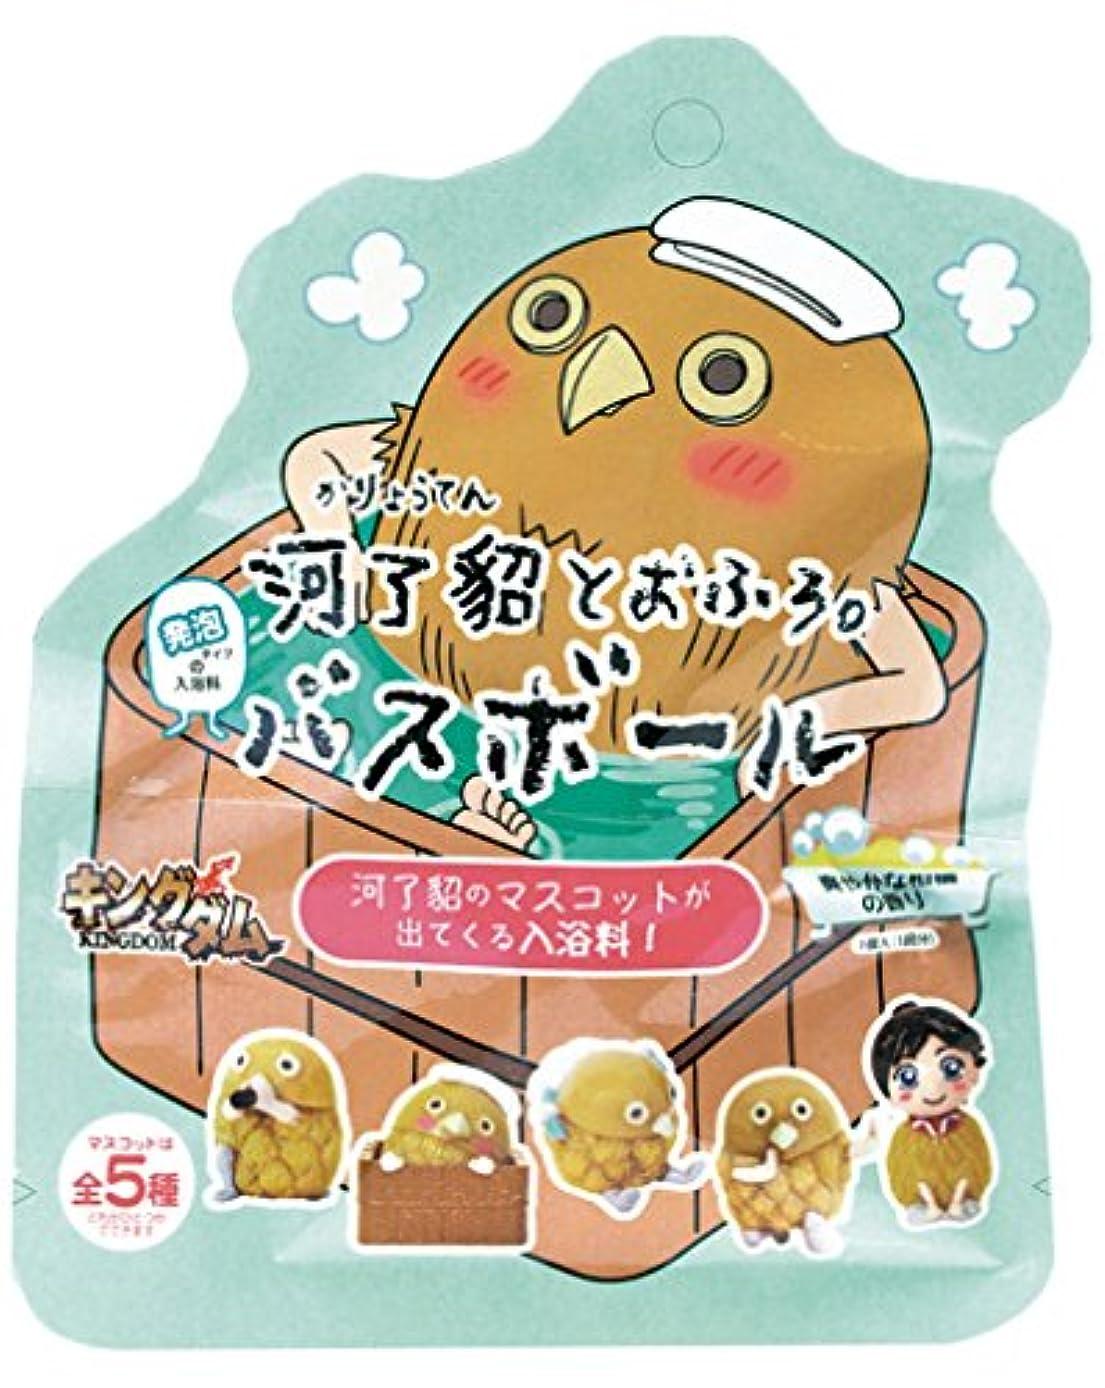 トレード完全に乾くどっちでもキングダム 入浴剤 バスボール 柑橘の香り 60g マスコット入り OB-GMB-1-1